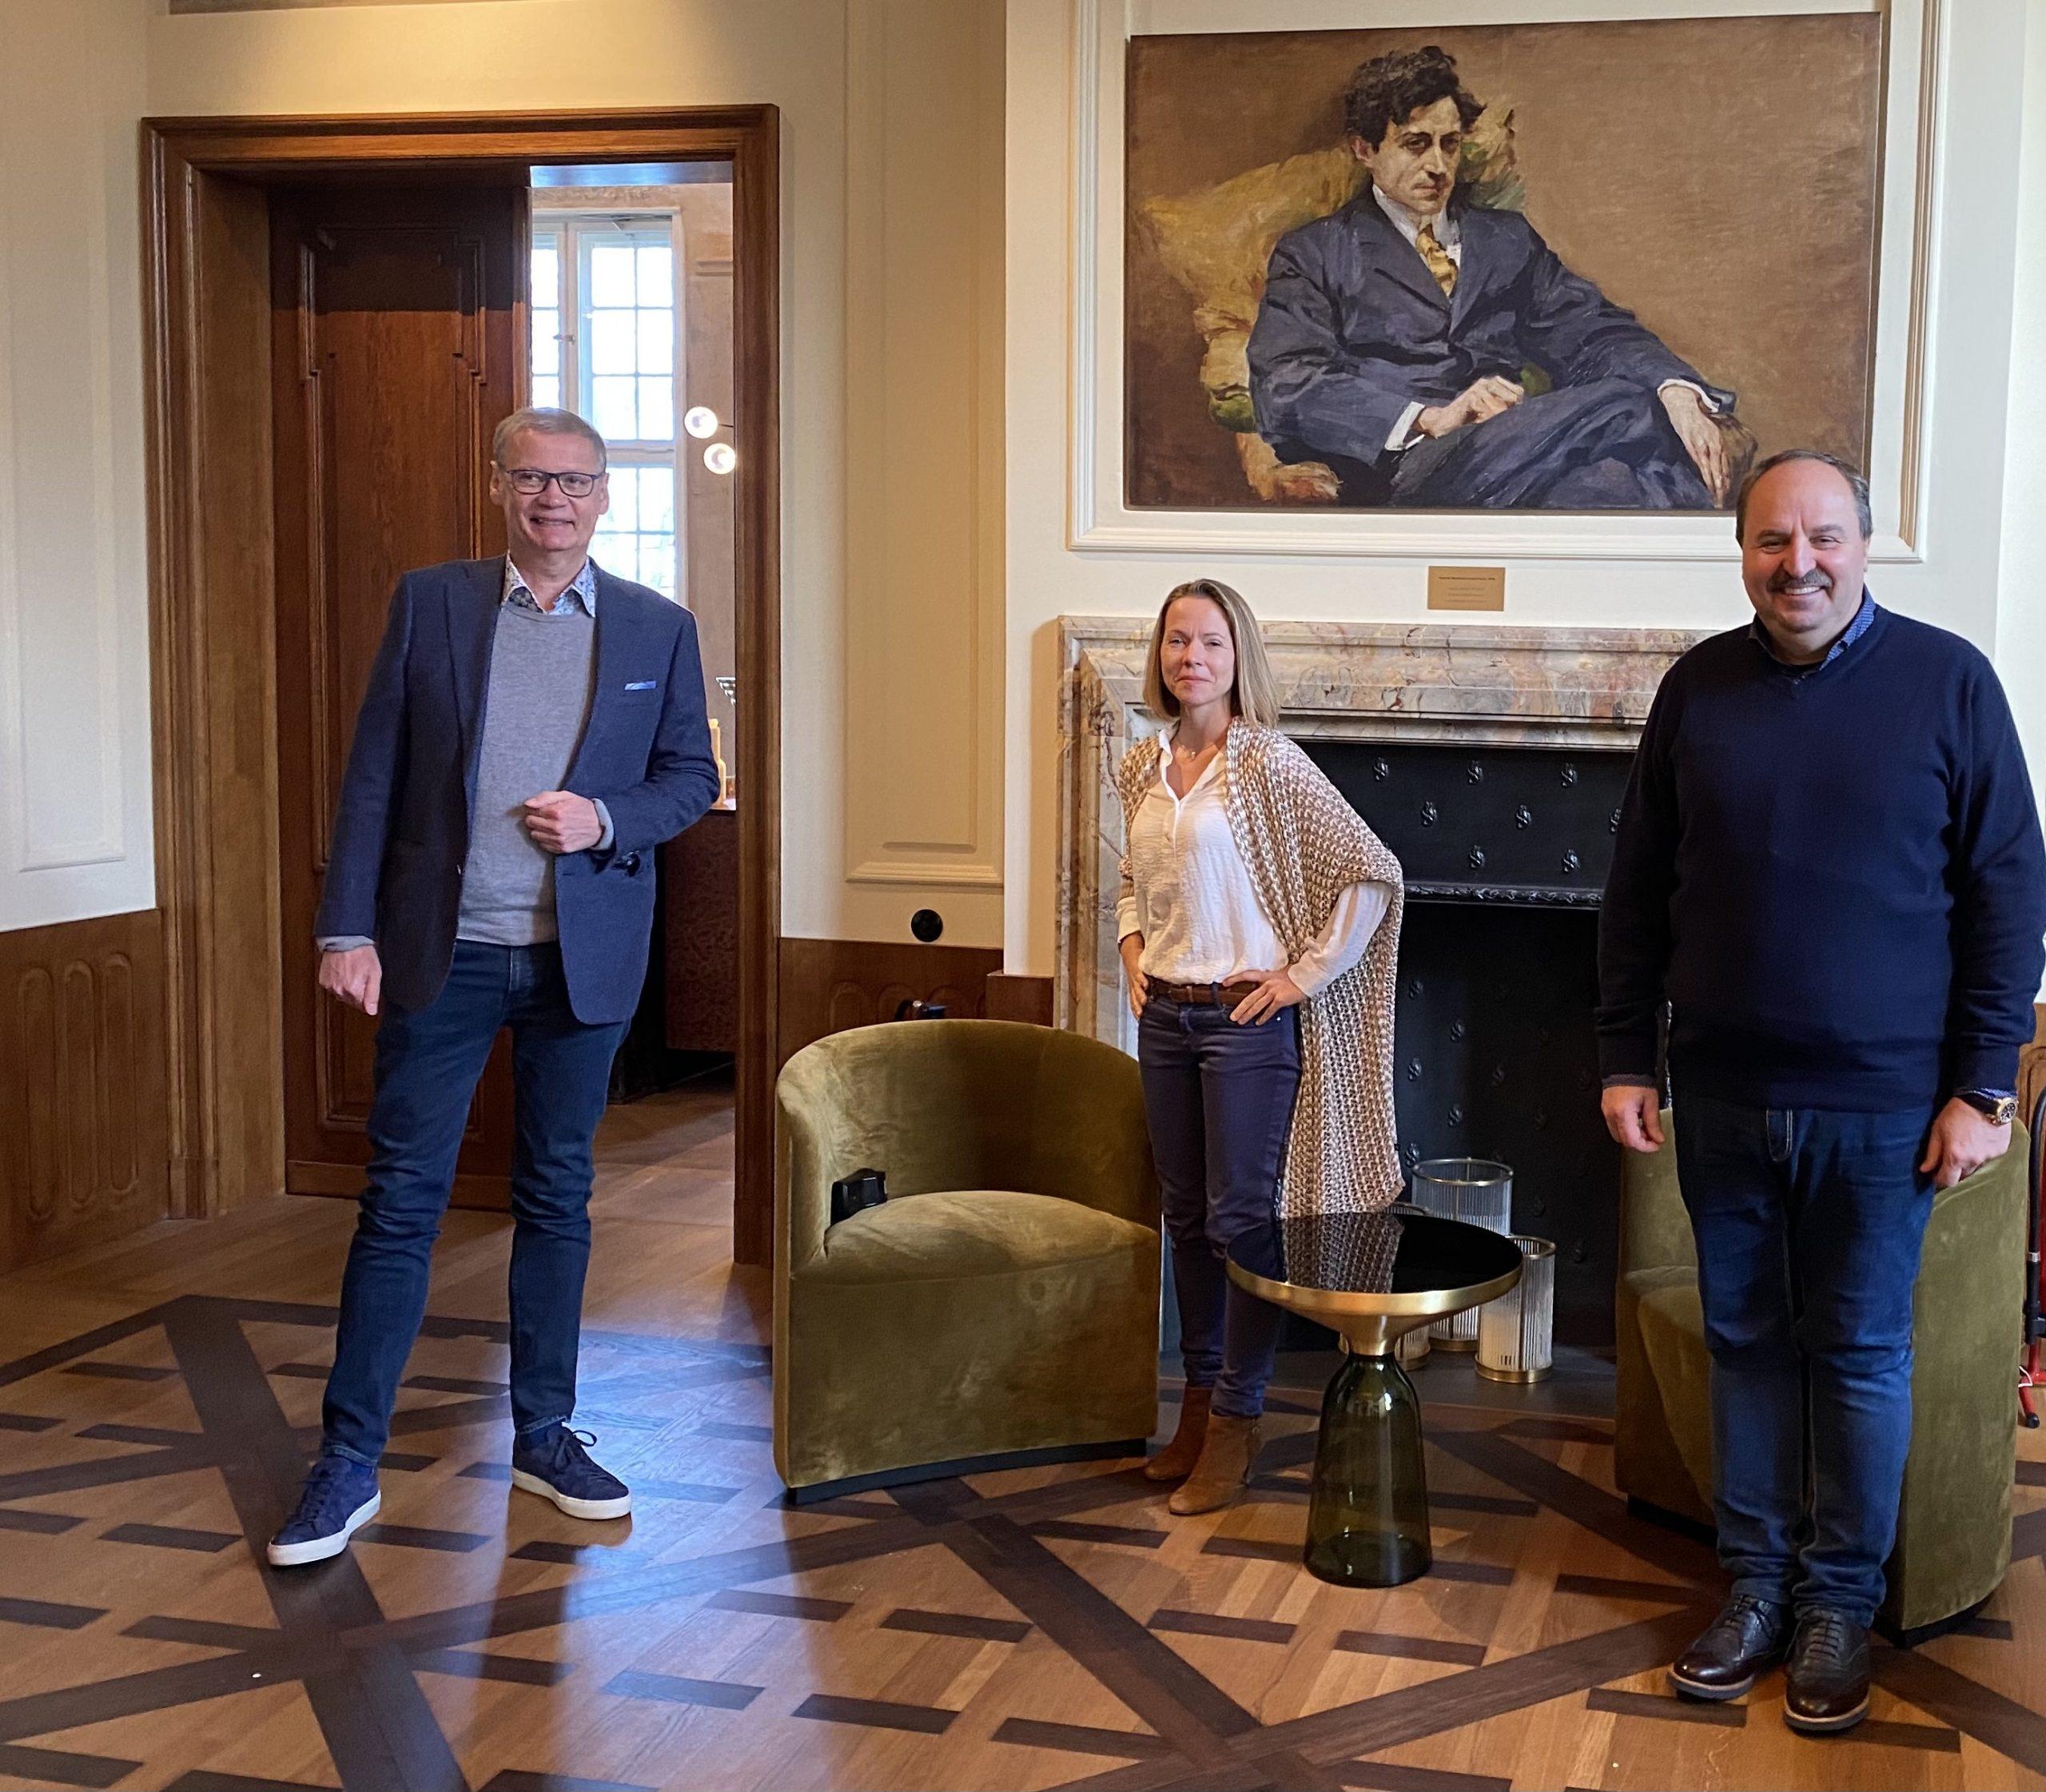 Günther Jauch, Johann Lafer und Sabrina Gander